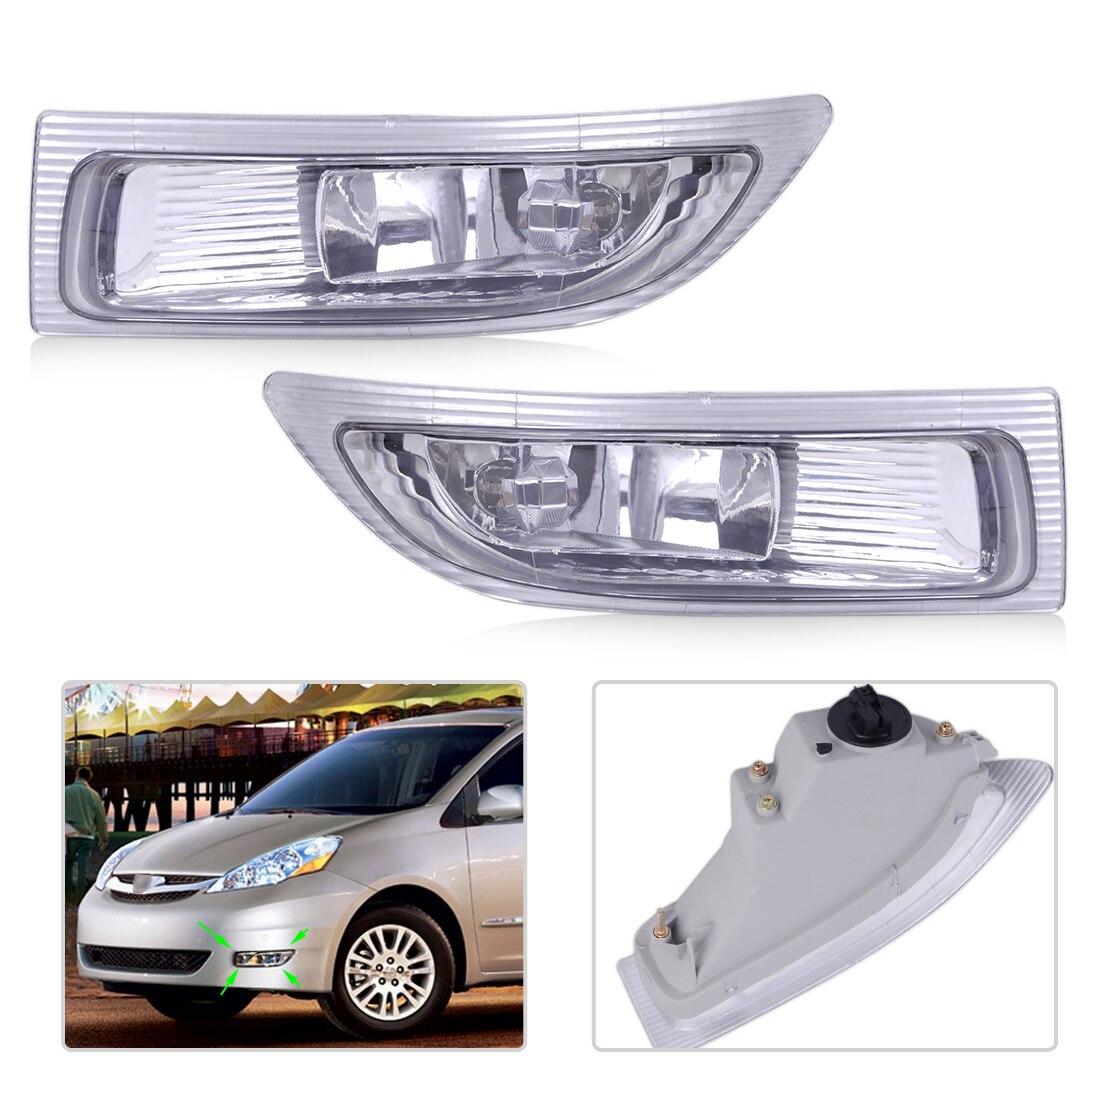 CITALL 312-2020R-AF 312-2020L-AF 2 pcs Droite Gauche Avant Brouillard Lampe Lumière avec Ampoules fit pour Toyota Sienna 2004 2005